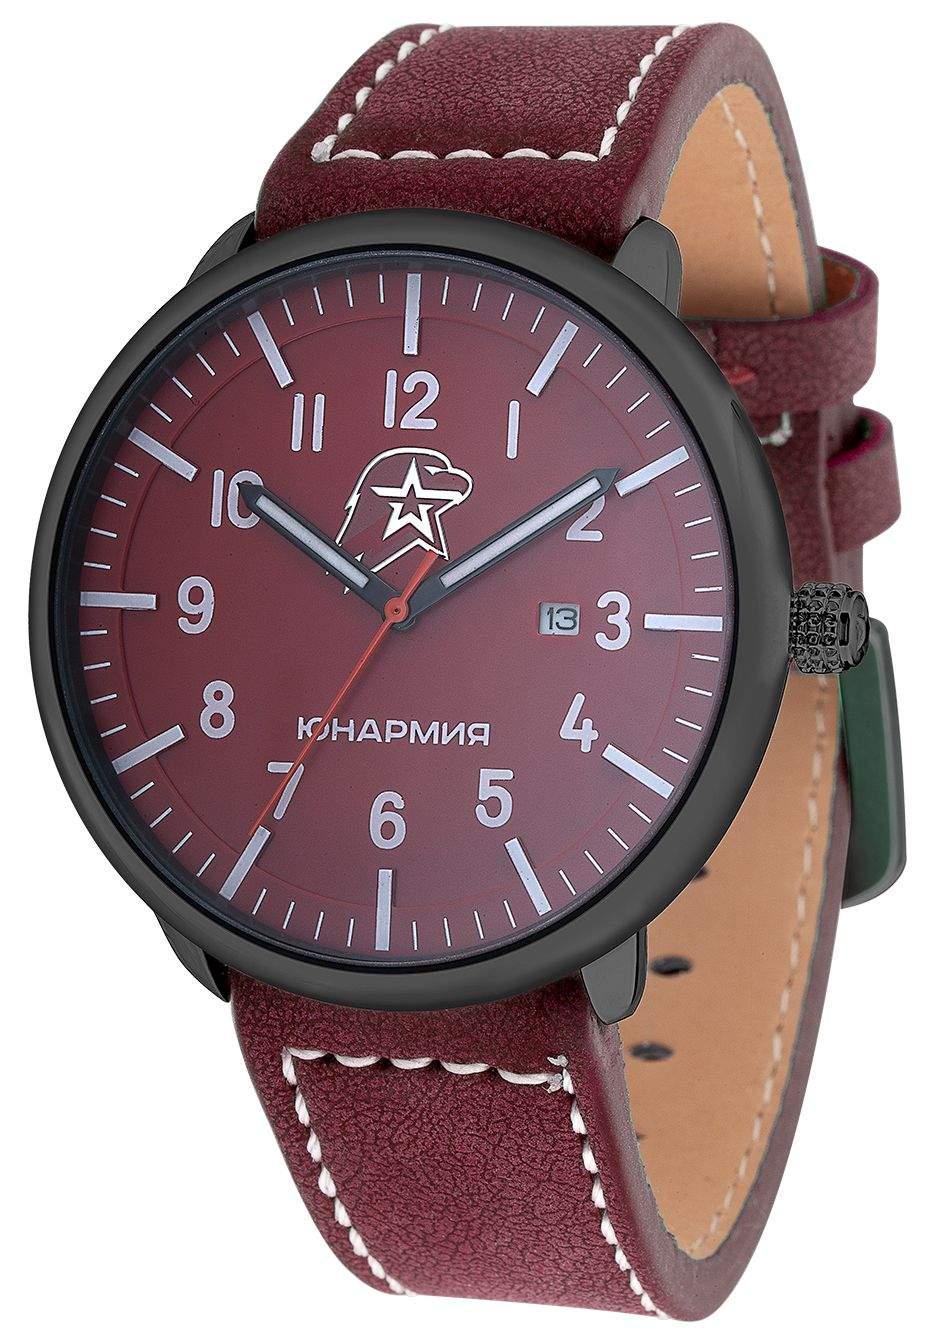 Наручные кварцевые часы Спецназ Атака С2964401-2115-300 купить, цены в Москве на goods.ru